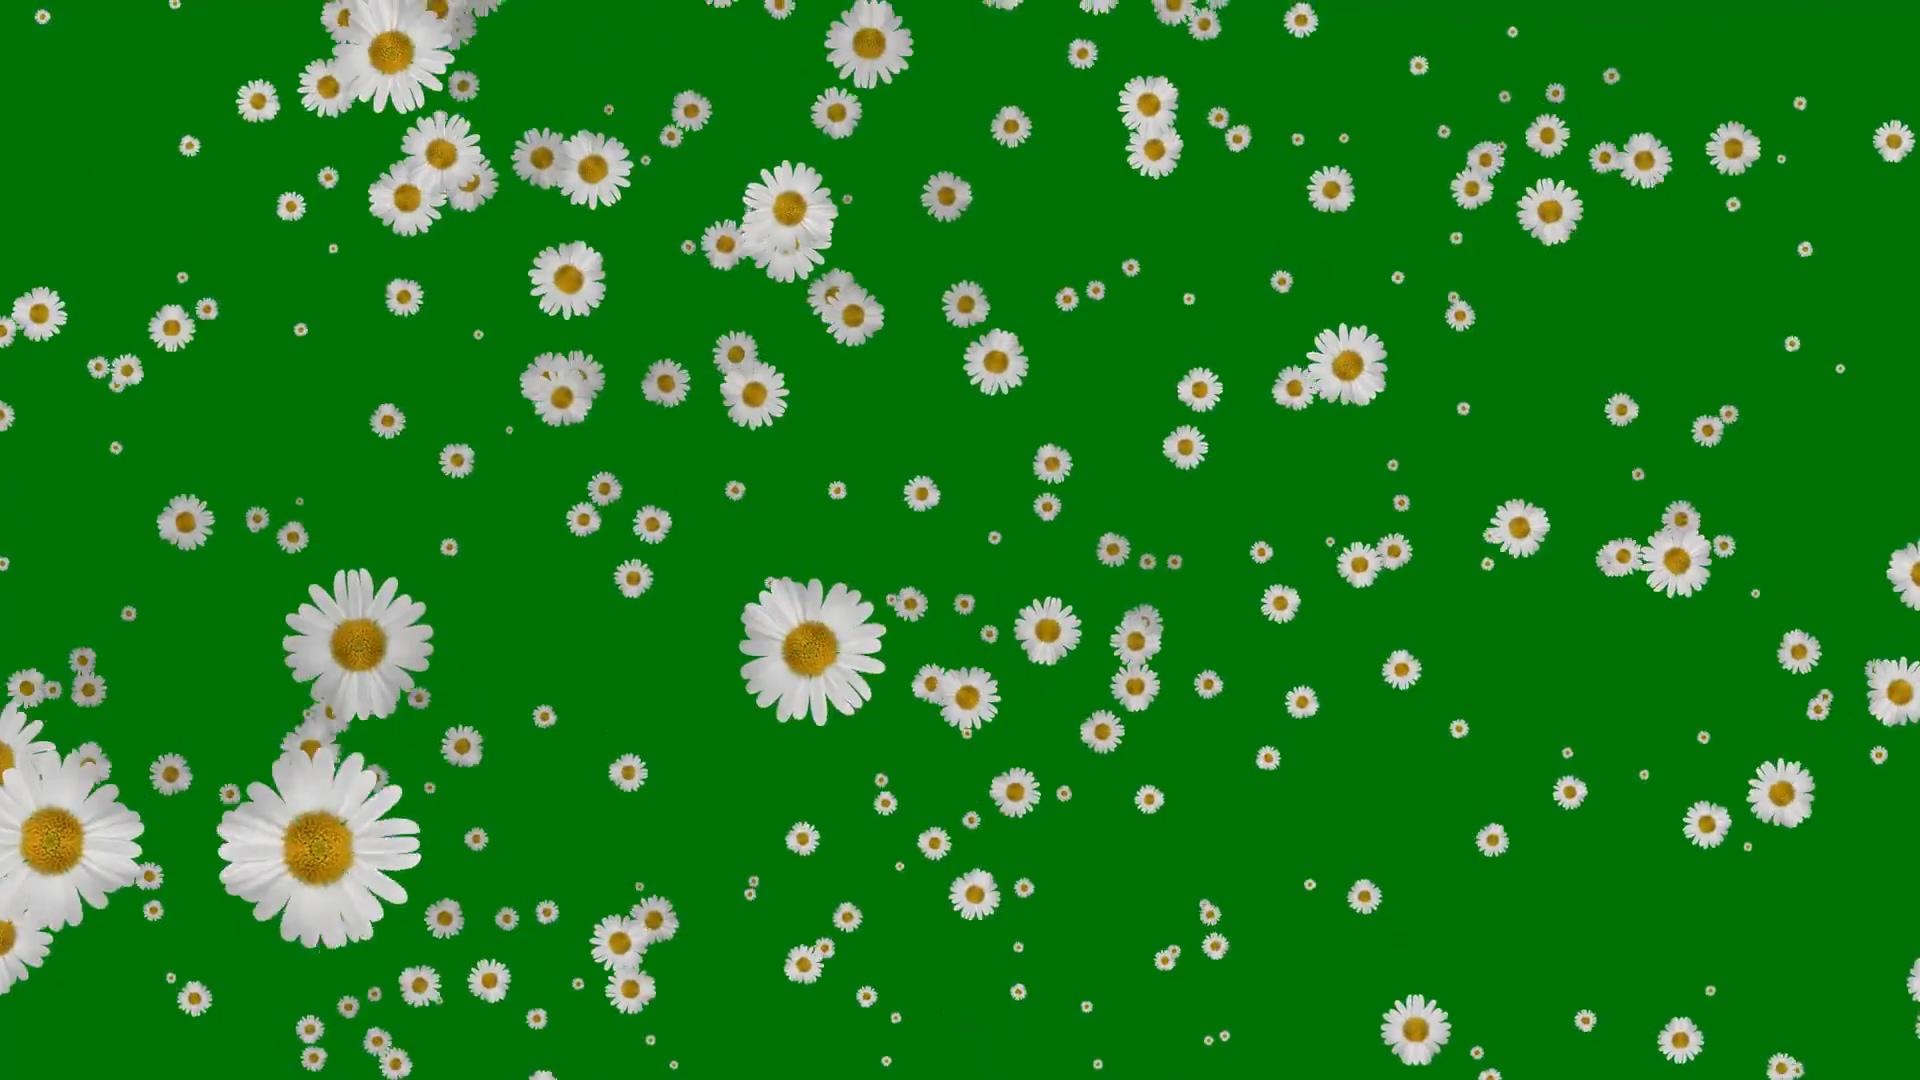 绿屏抠像飘落的白色菊花